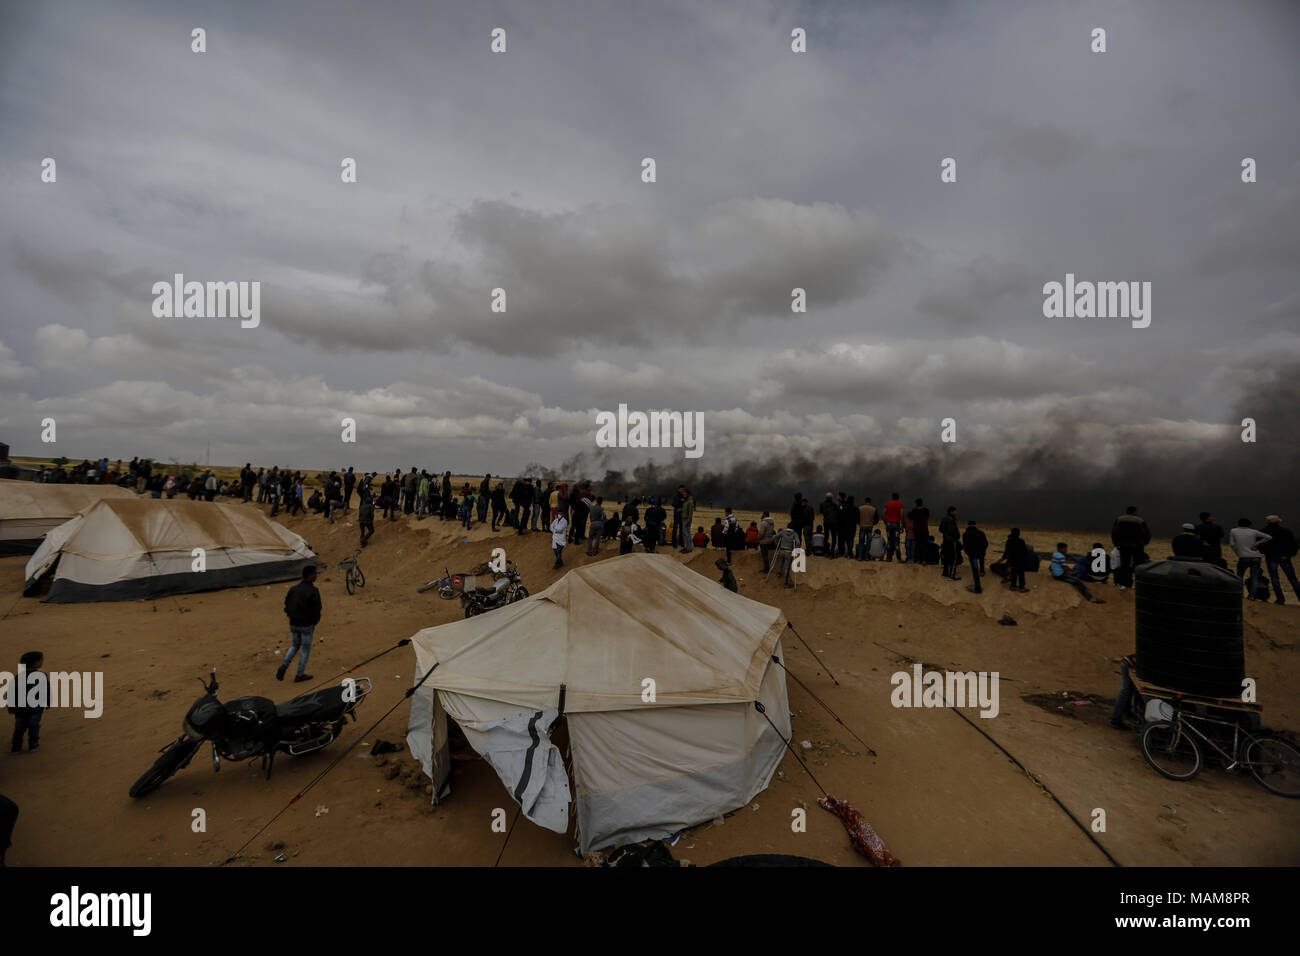 Palästinensische Demonstranten ansehen Rauchwolken, wie sie von verbrannten Reifen steigen, die israelischen Truppen abzulenken, während Auseinandersetzungen entlang der Grenzen zwischen Israel und Gaza, östlich von Khan Yunis, im südlichen Gazastreifen, 03. April 2018. Foto: Mohammed Talatene/dpa Stockfoto